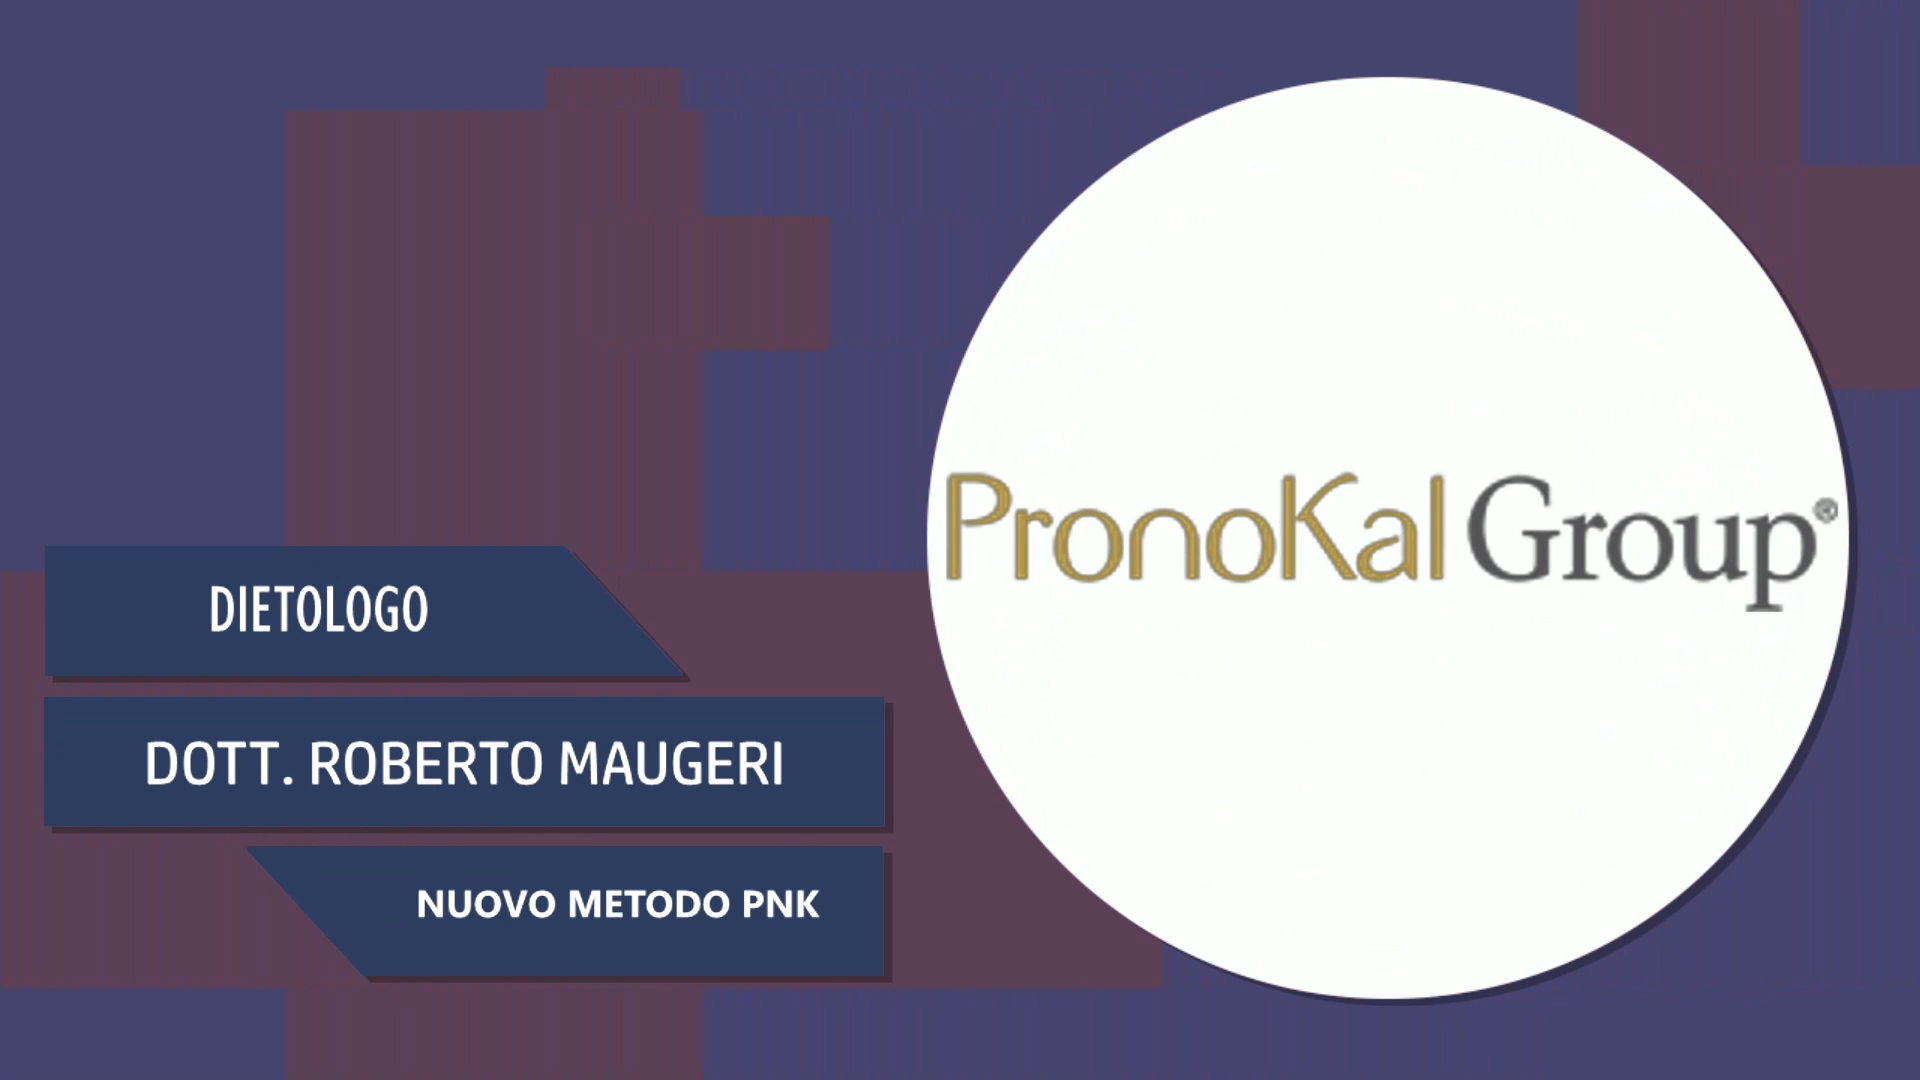 Dott. Roberto Maugeri – Nuovo Metodo PNK